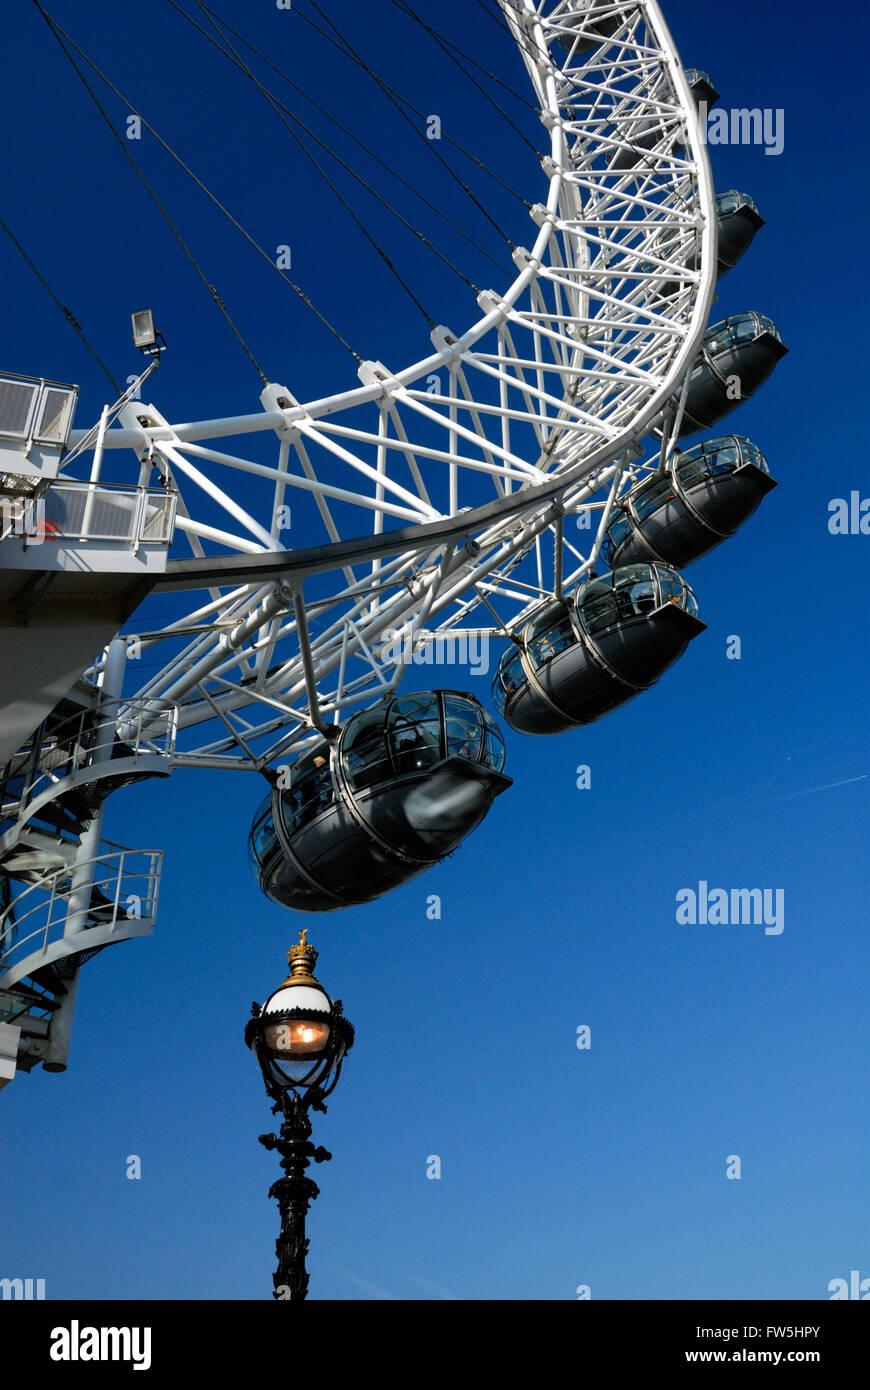 London Eye, Millenium Wheel, mit alten altmodischen Laternenpfahl in der Nähe von Royal Festival Hall, RFH, Stockbild